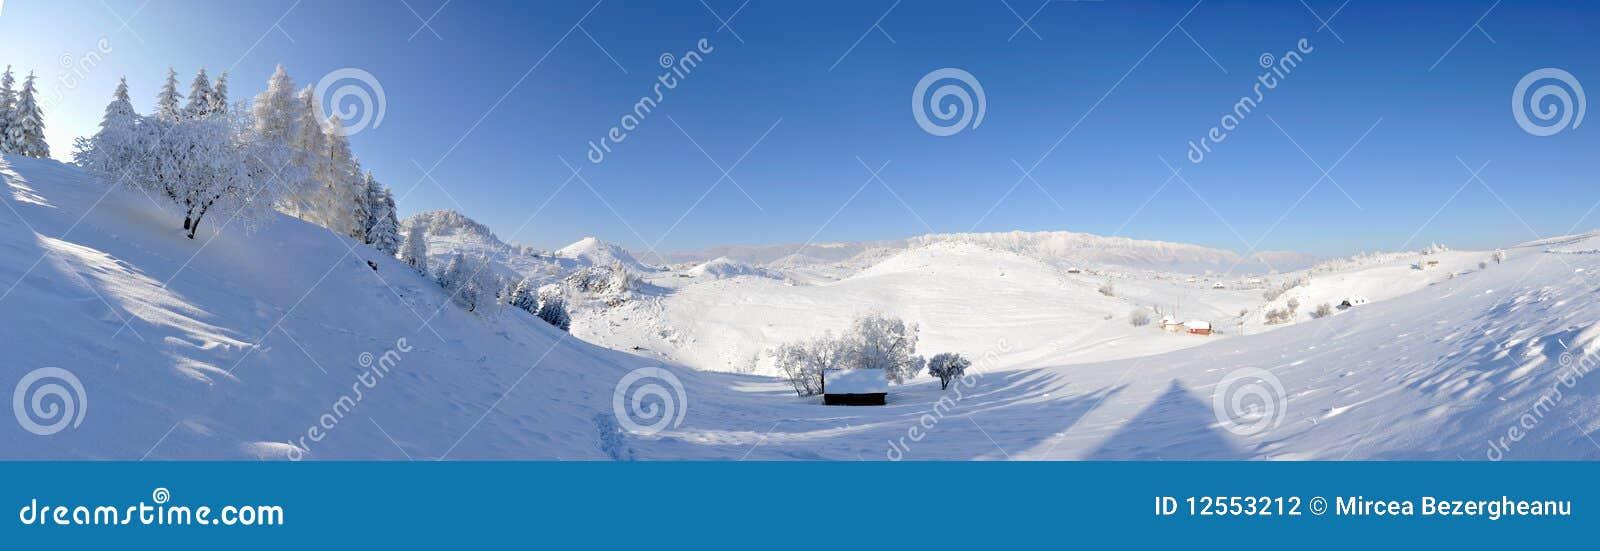 Winterlandschaft - panoramische Ansicht